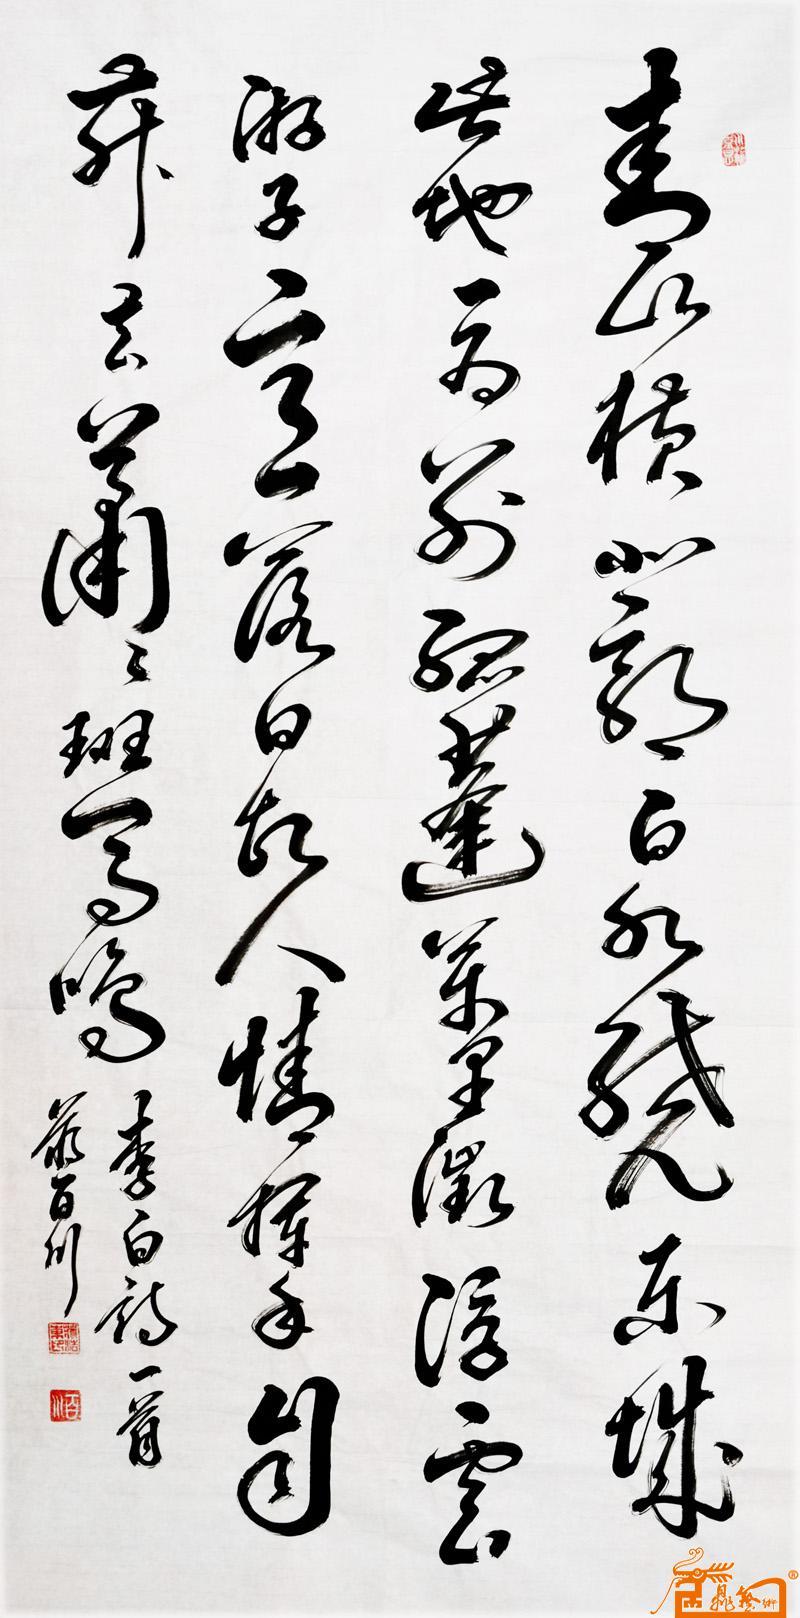 蒋浩东-草书李白诗-淘宝-名人字画-中国书画服务中心图片